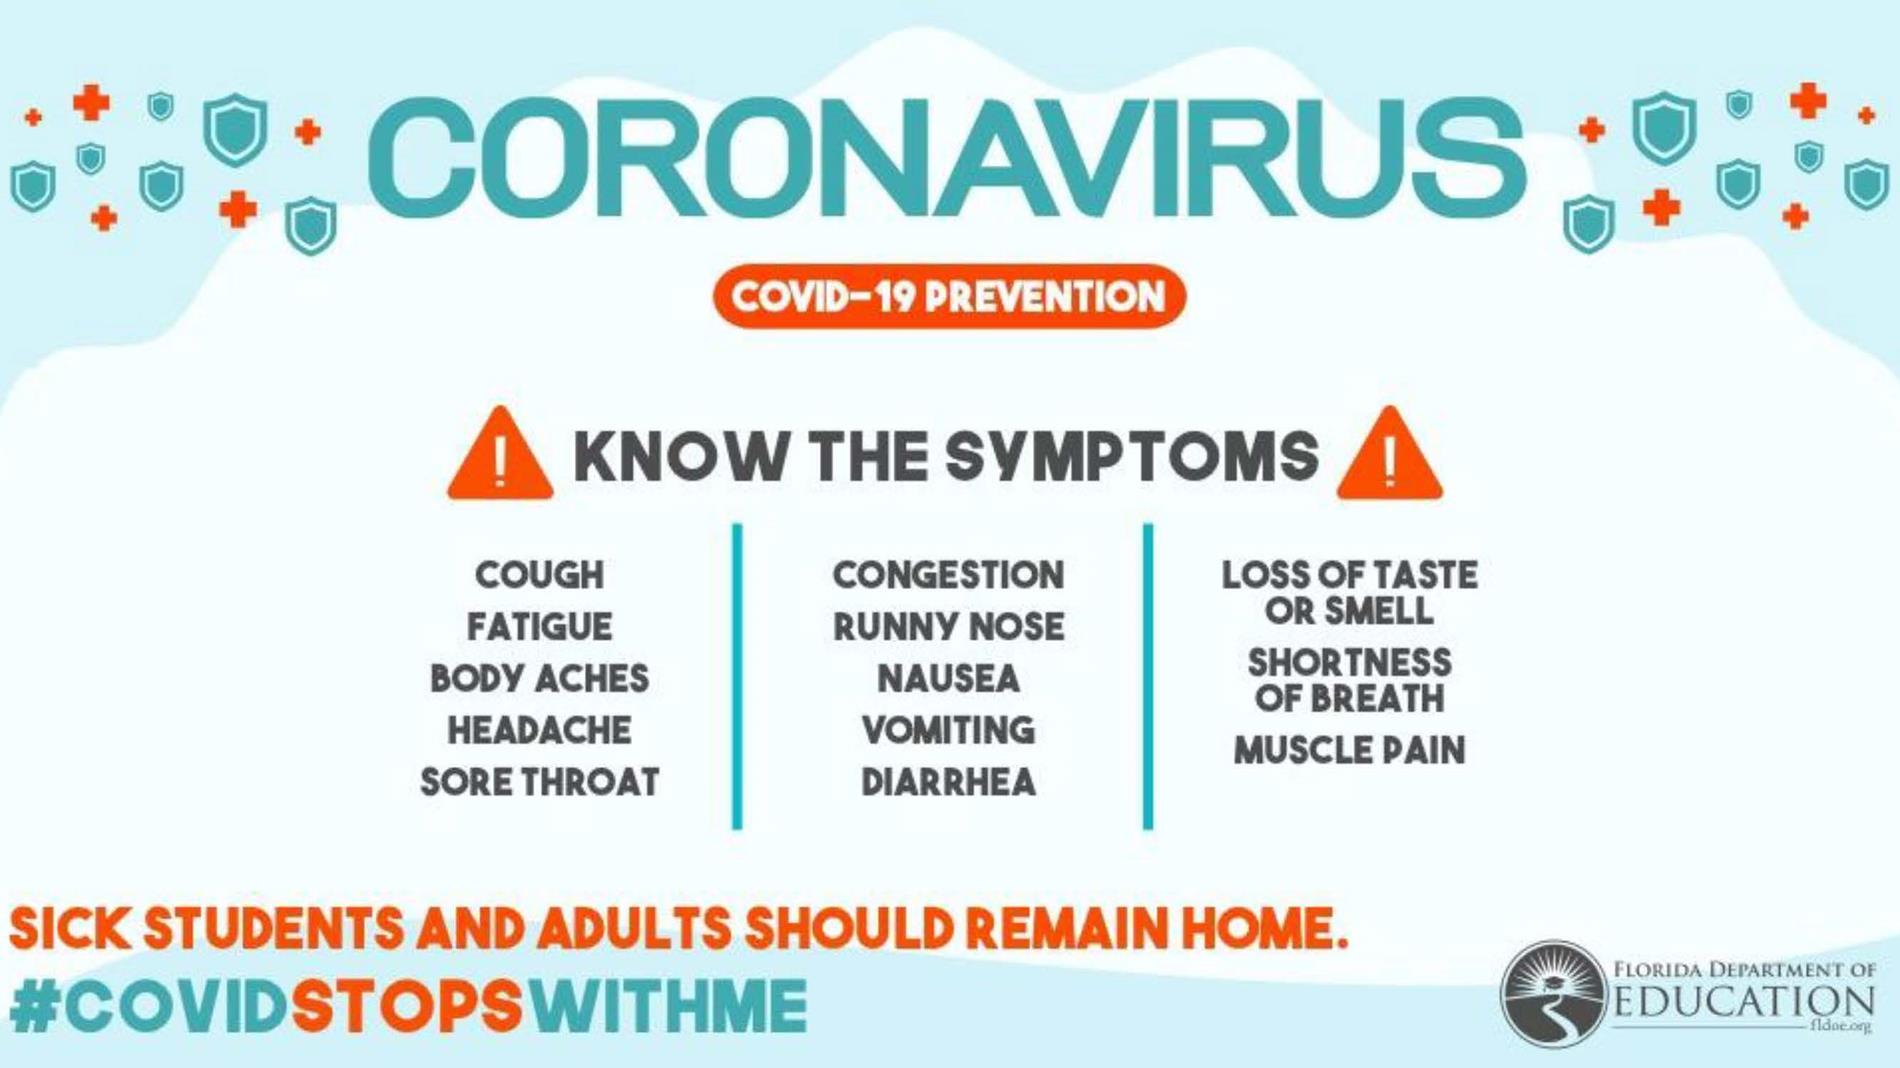 COVID awareness